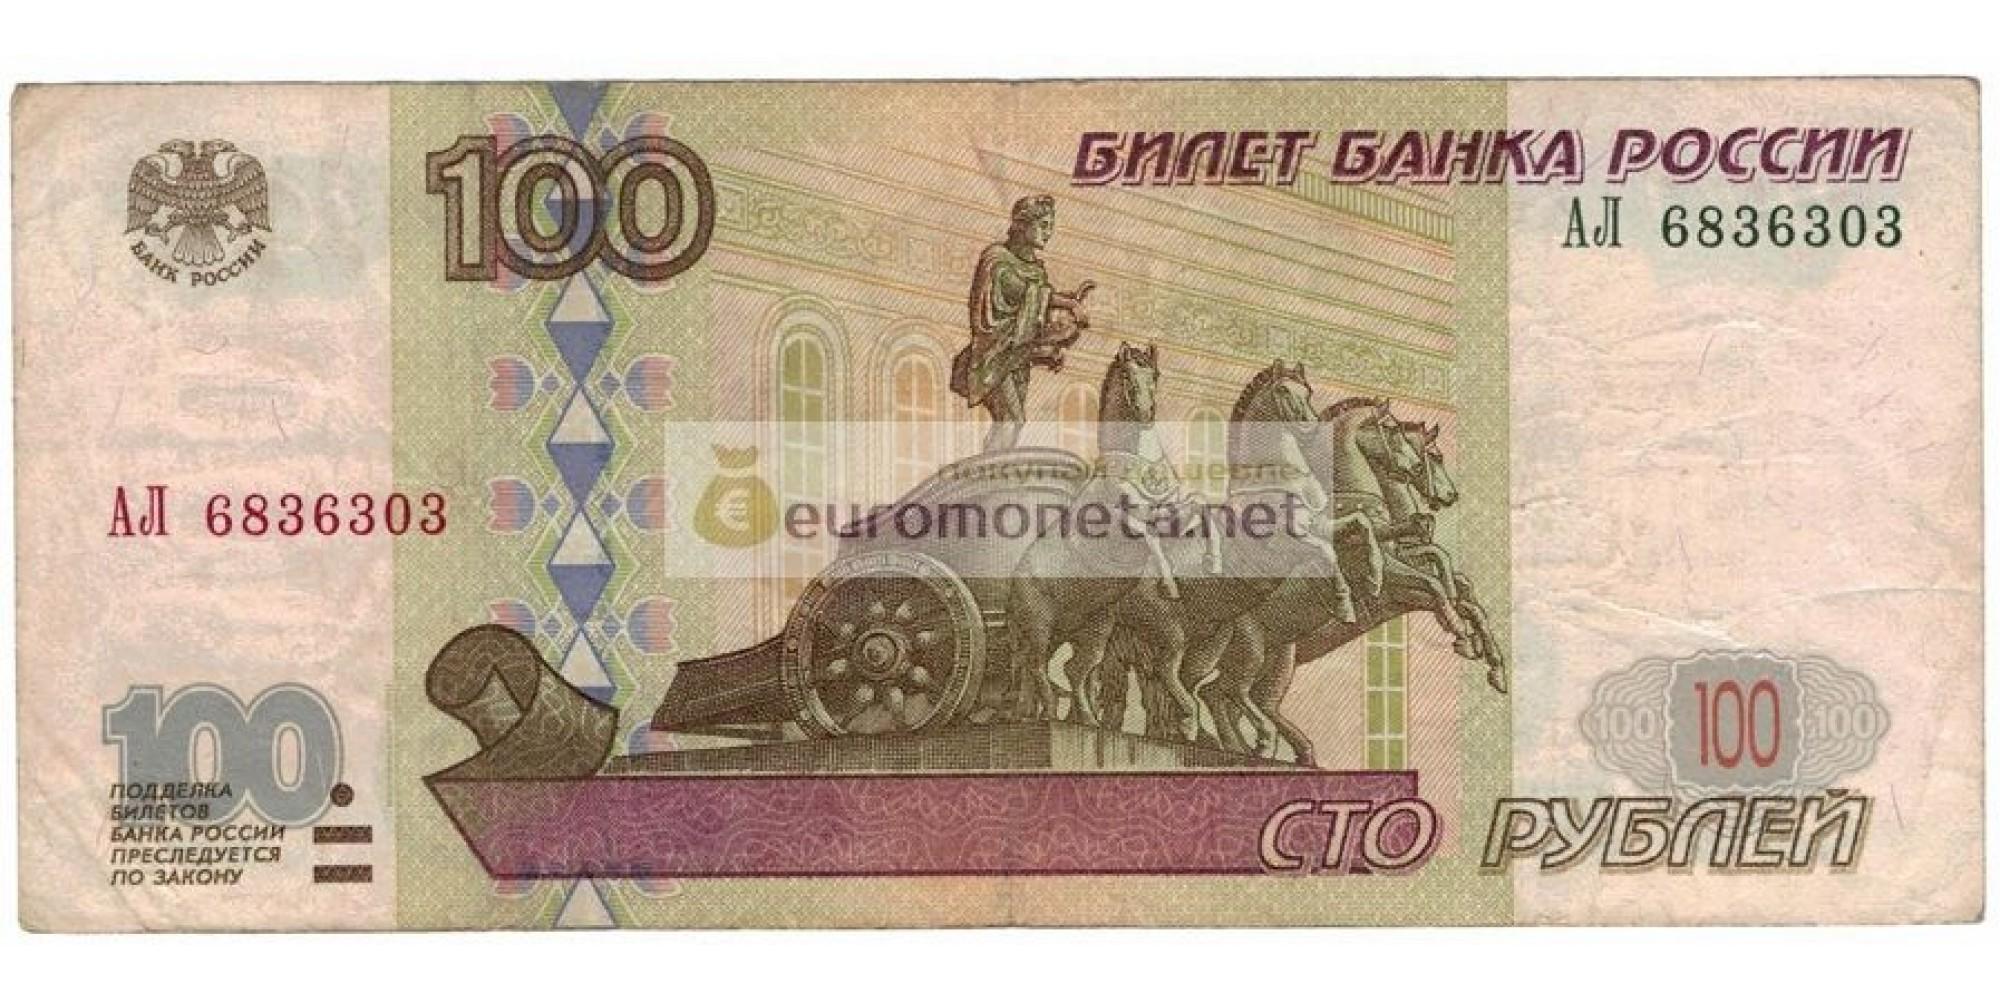 Россия 100 рублей 1997 год модификация 2001 год редкая серия АЛ 6836303